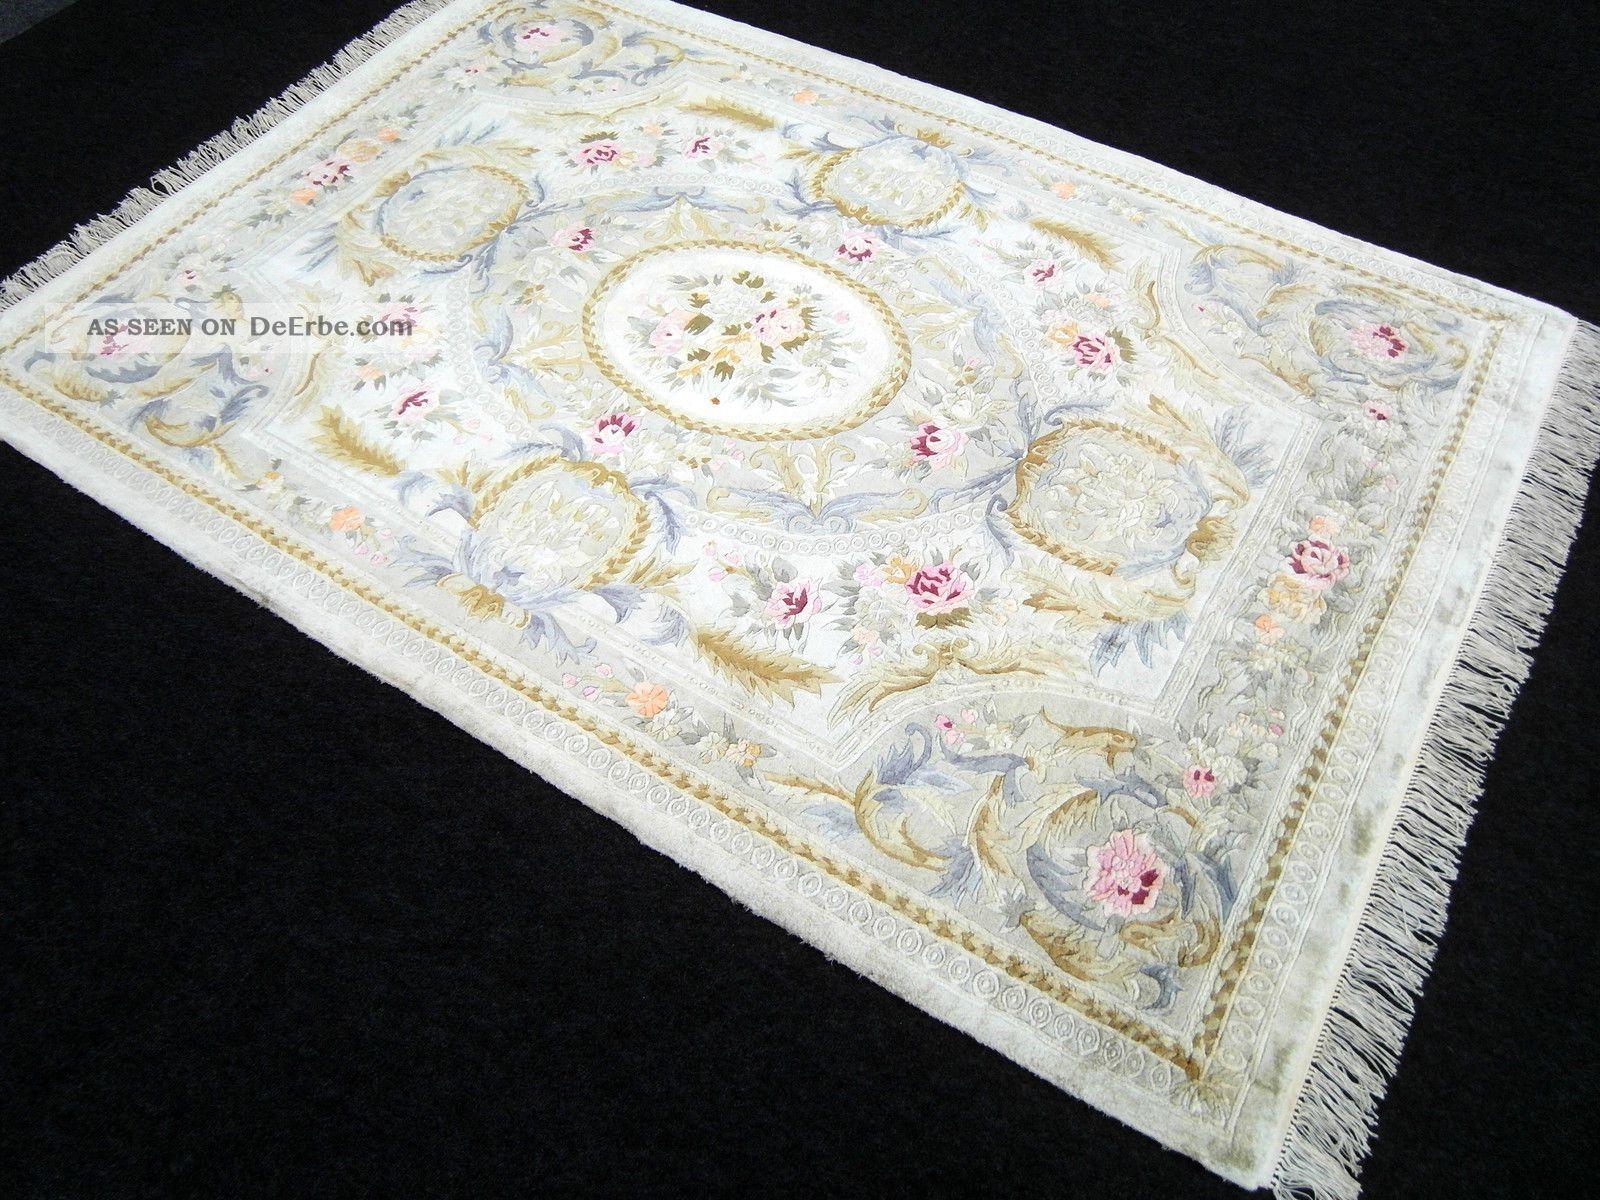 Chinesischer Seiden Teppich 241 X 169 Cm Orientteppich China Silk Rug Carpet